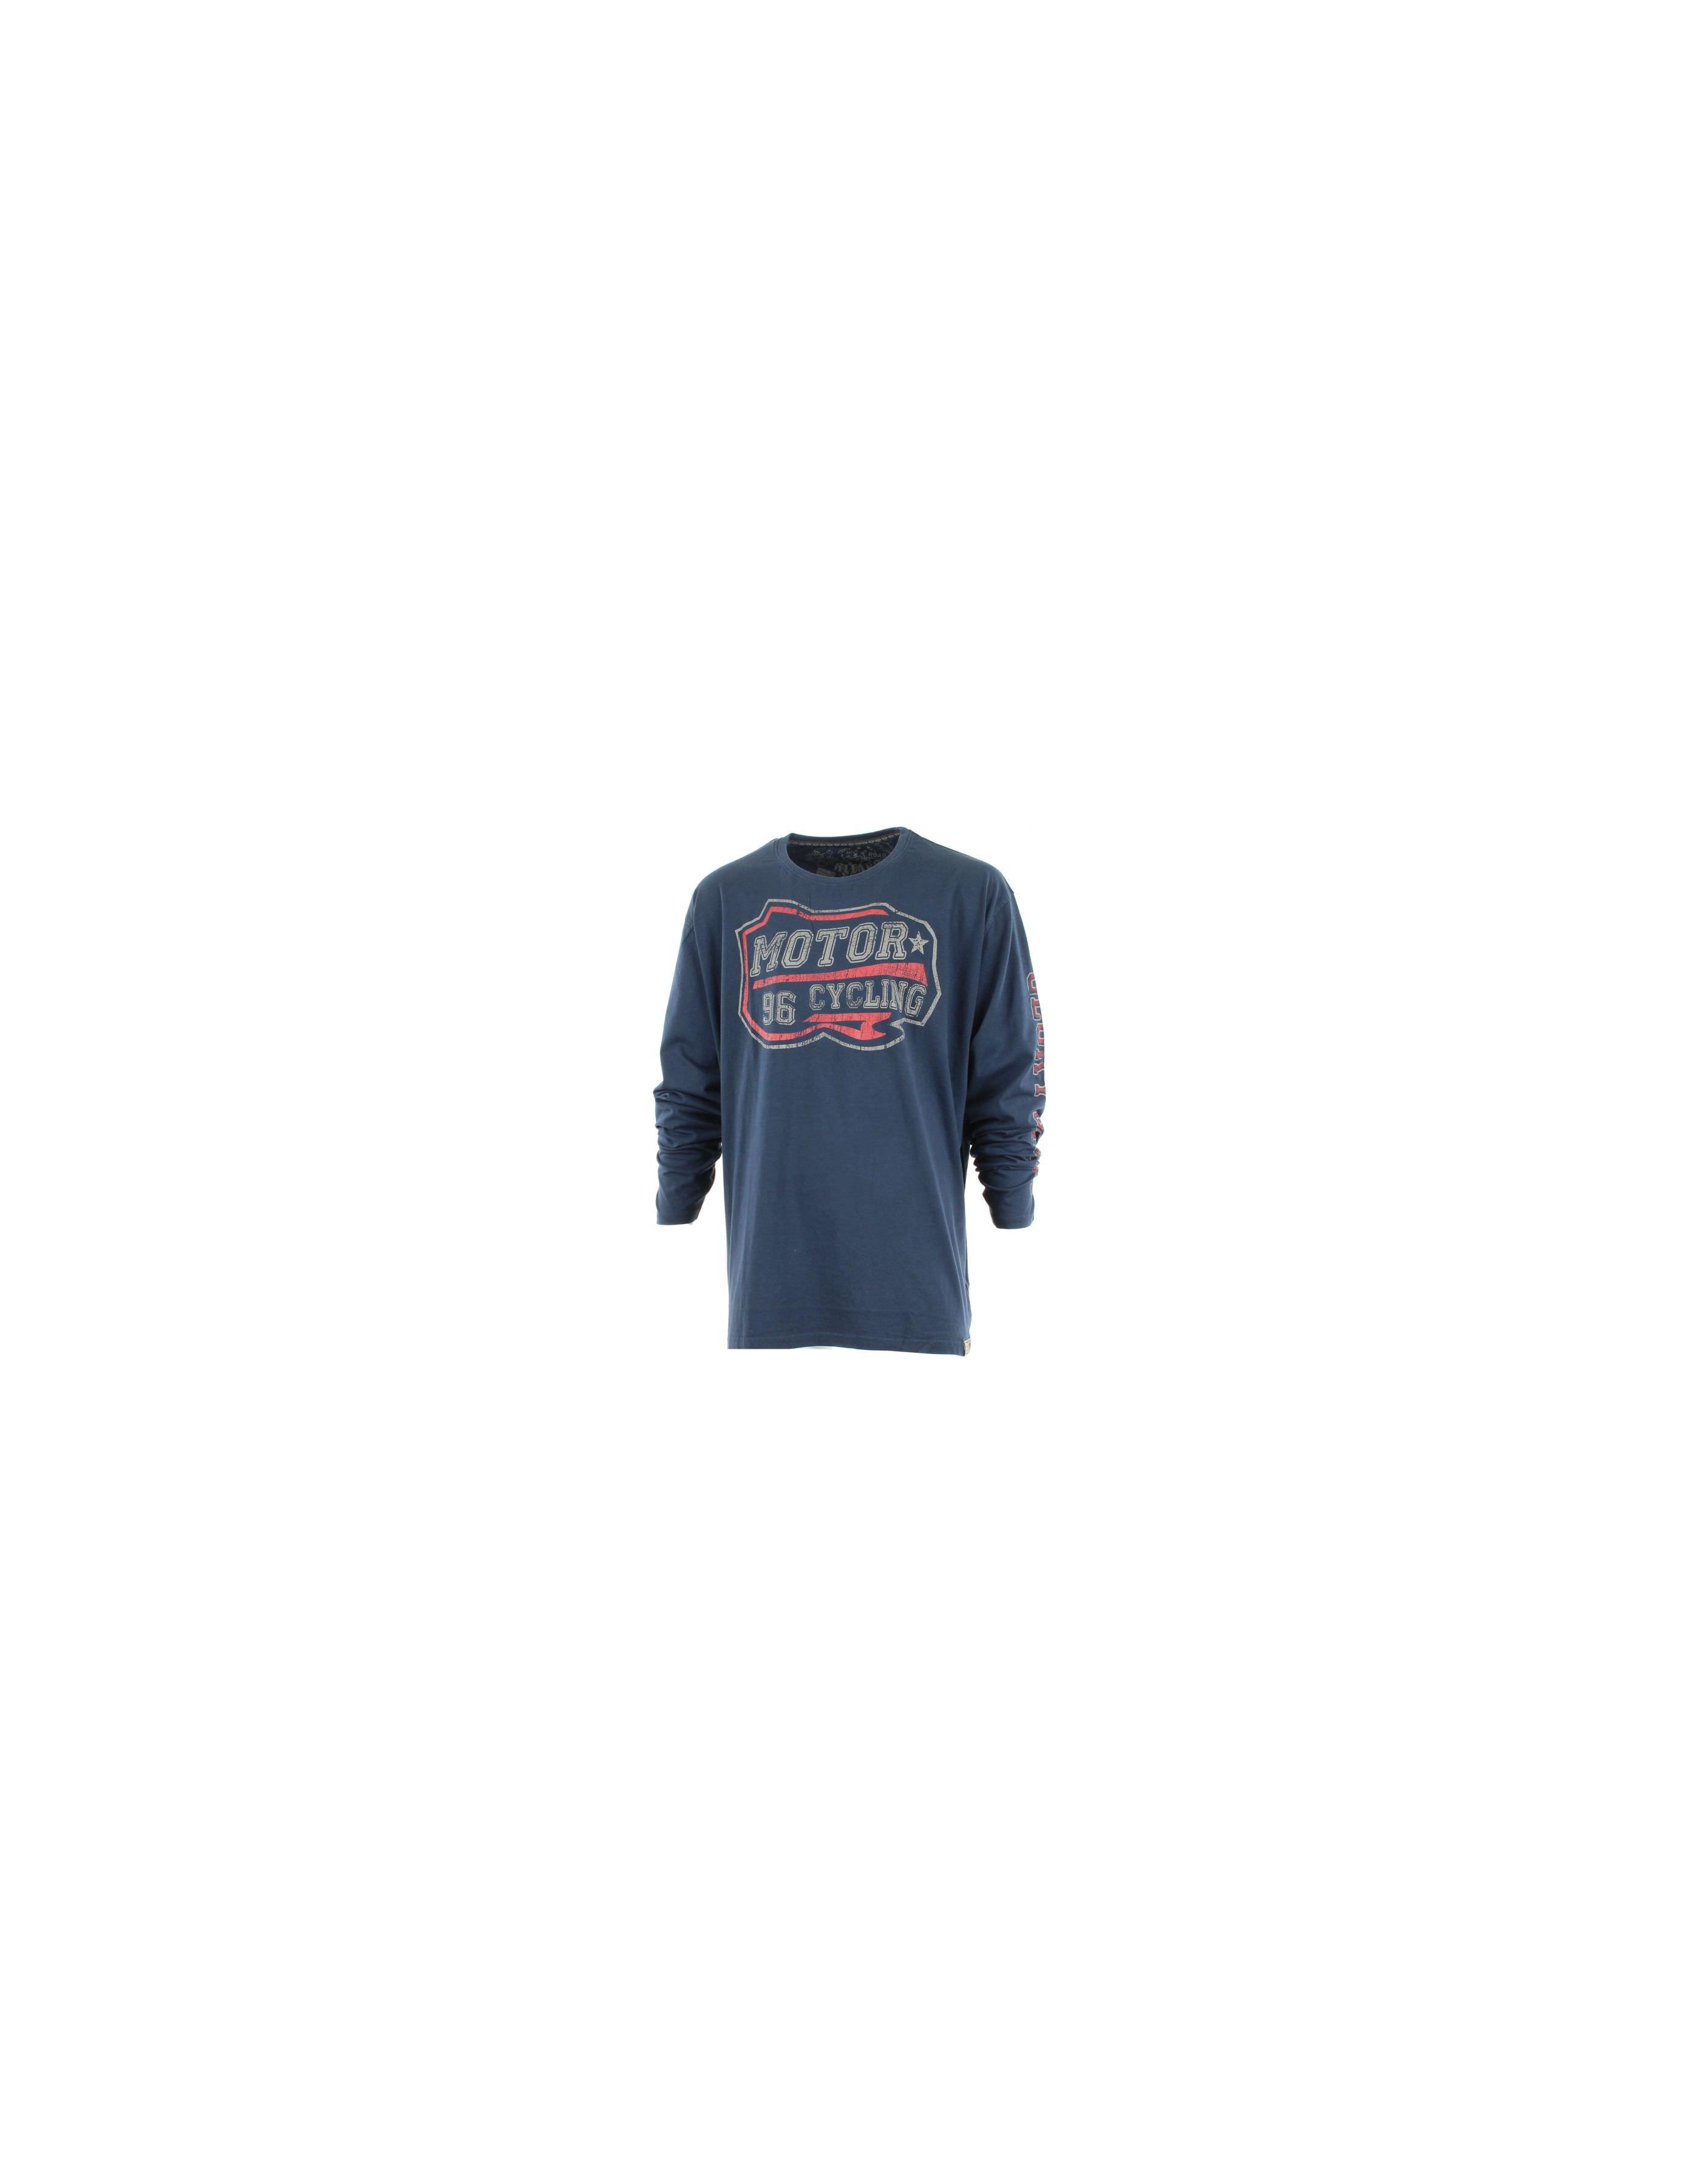 T-shirt M/L Motor Cycling